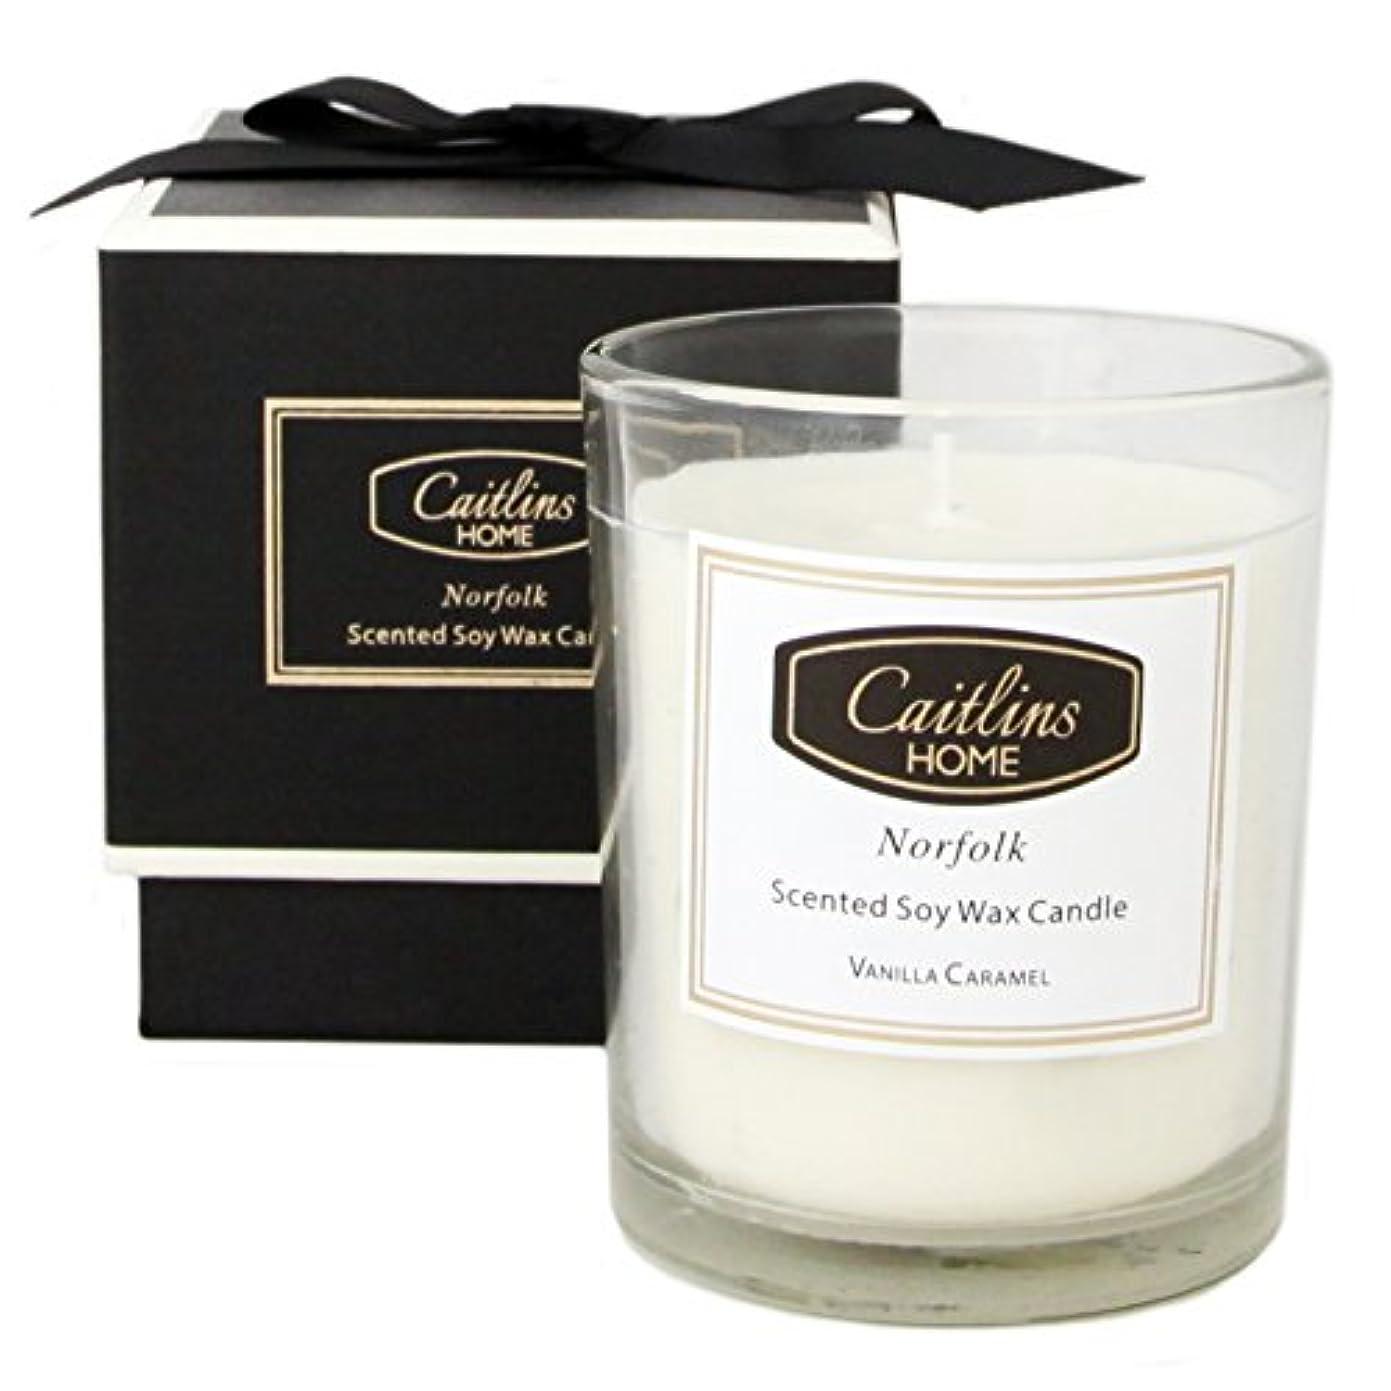 変化する化学療法(Small, Vanilla Caramel) - Vanilla Caramel Candle Soy Wax Aromatherapy Candle Home Fragrance Gift Caitlins Home